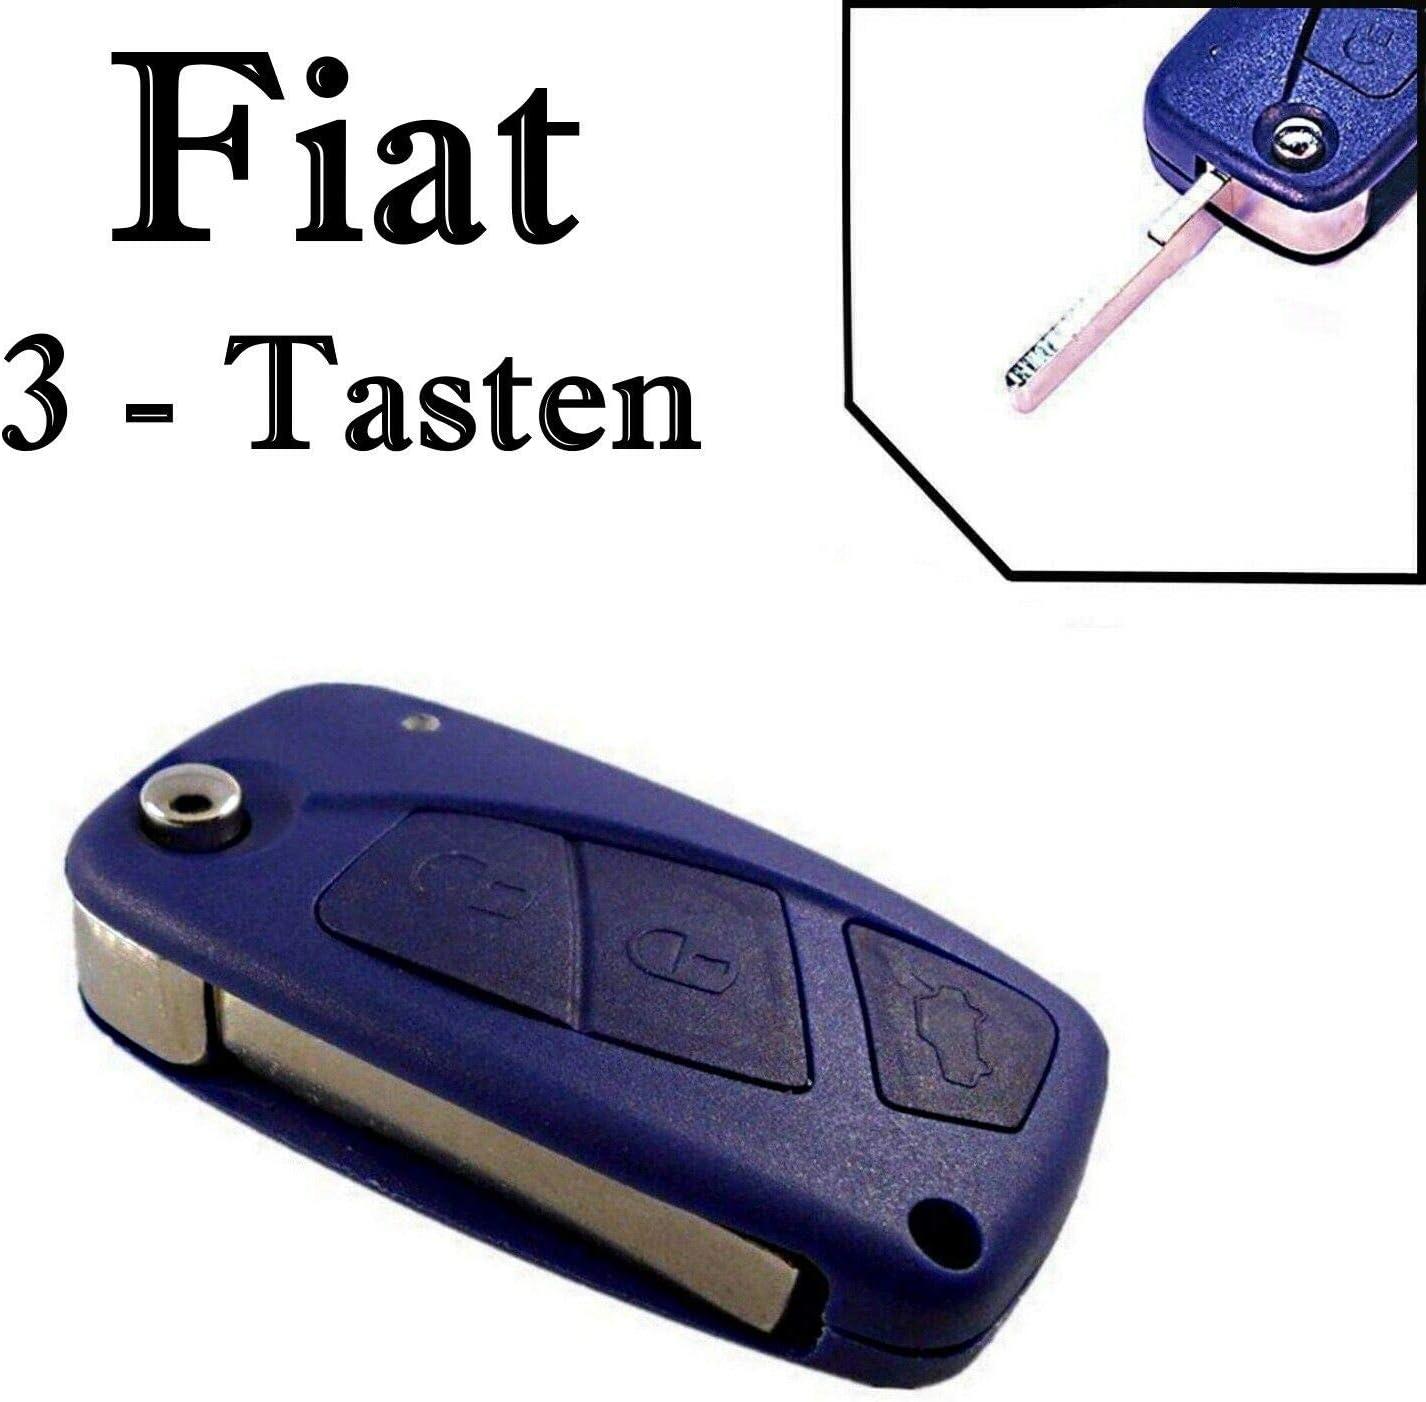 1 Stück Funkschlüssel Ersatz Klappschlüssel Gehäuse 3 Tasten Fernbedienung Mit Rohling Fiat Ks07 Neu Reparatur Hülle Auto